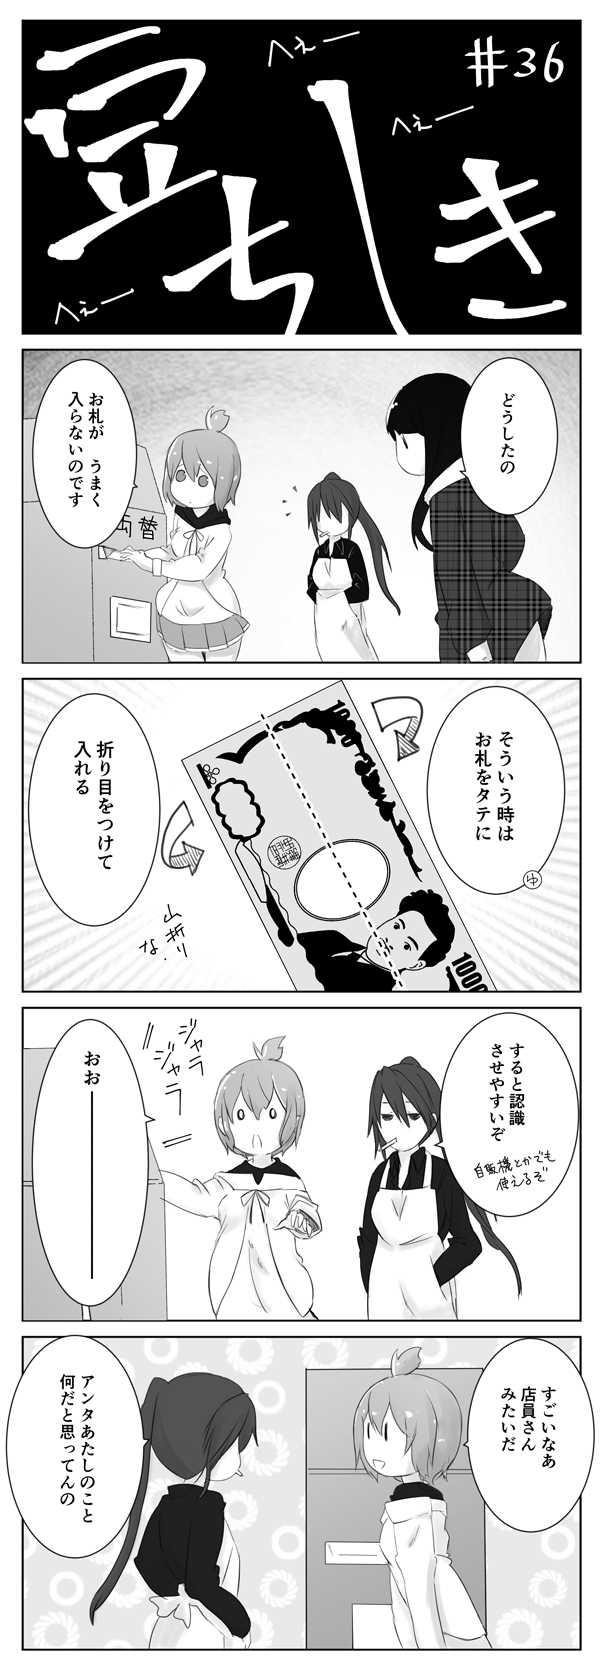 たゆたRom. 36本目「豆ちしき」